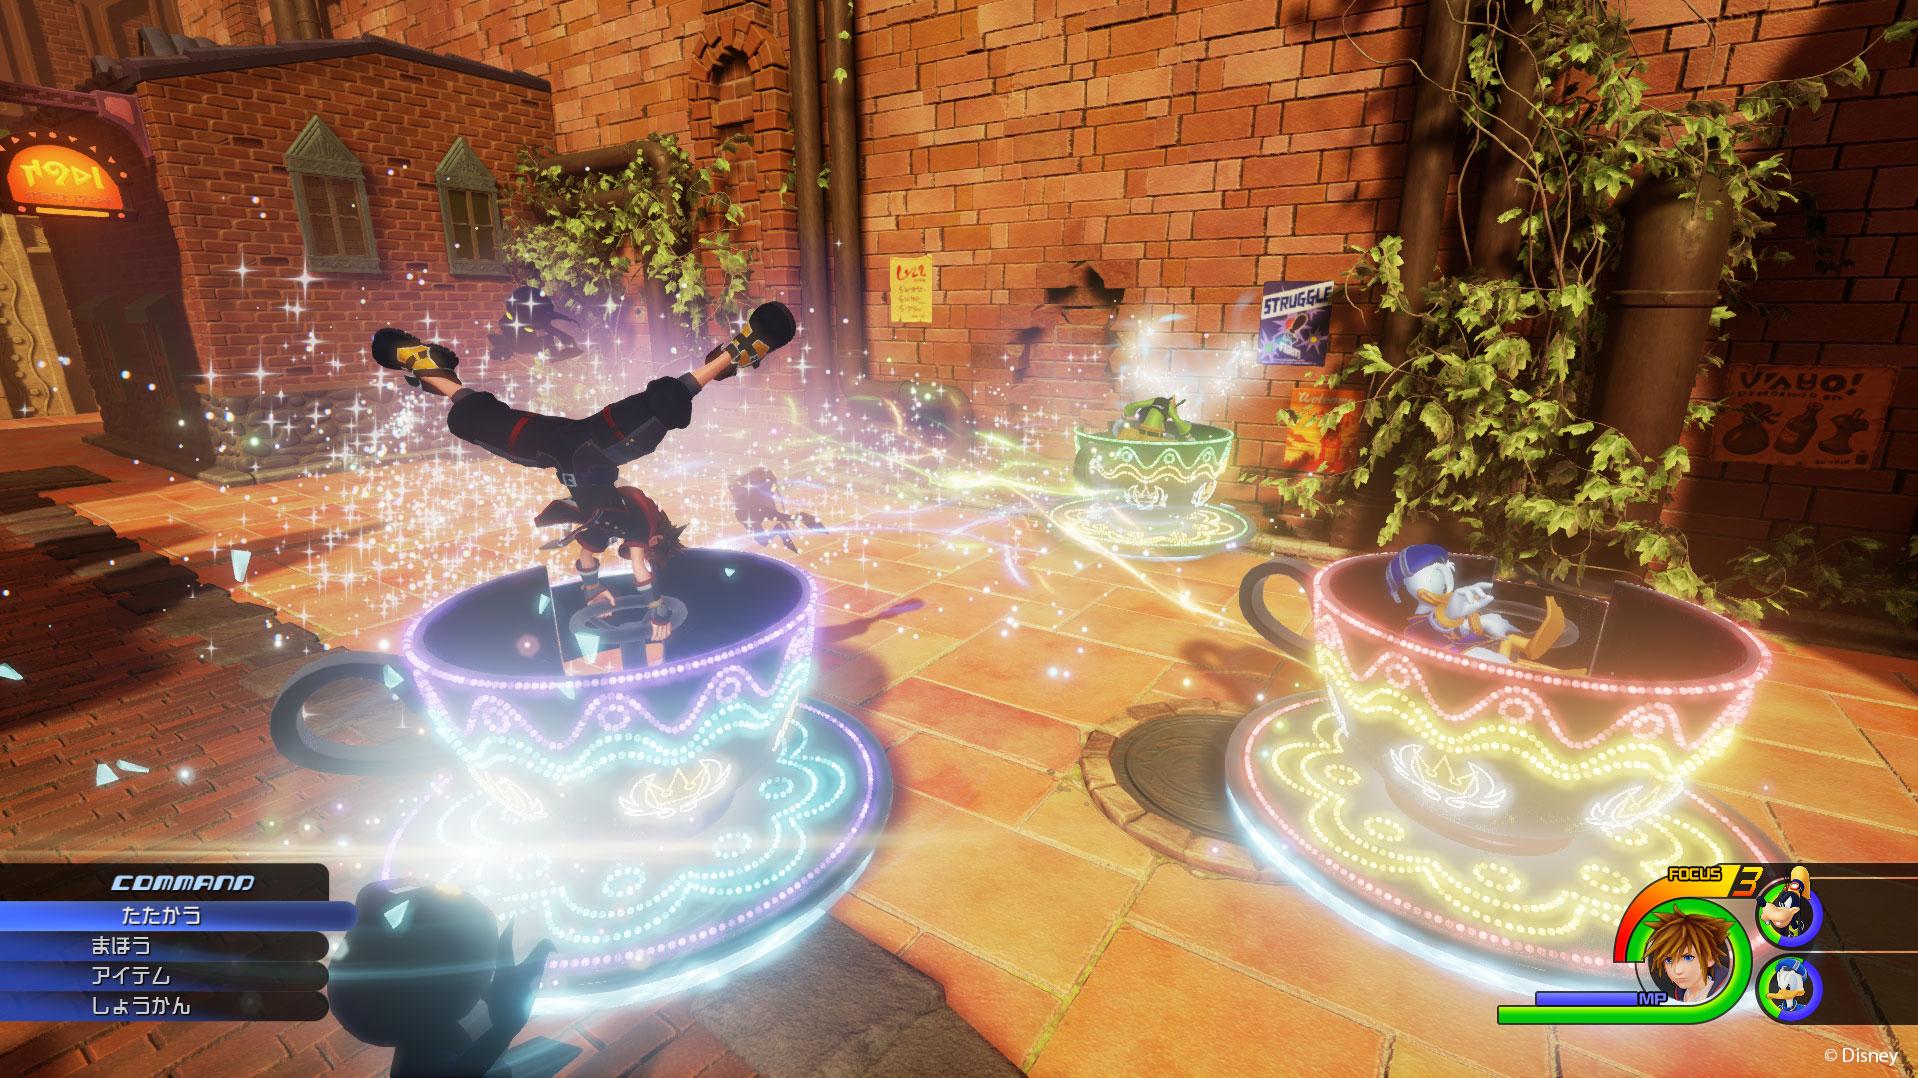 Kingdom Hearts 3, III, Square Enix, PS4, Sora, Teacup, Screenshot